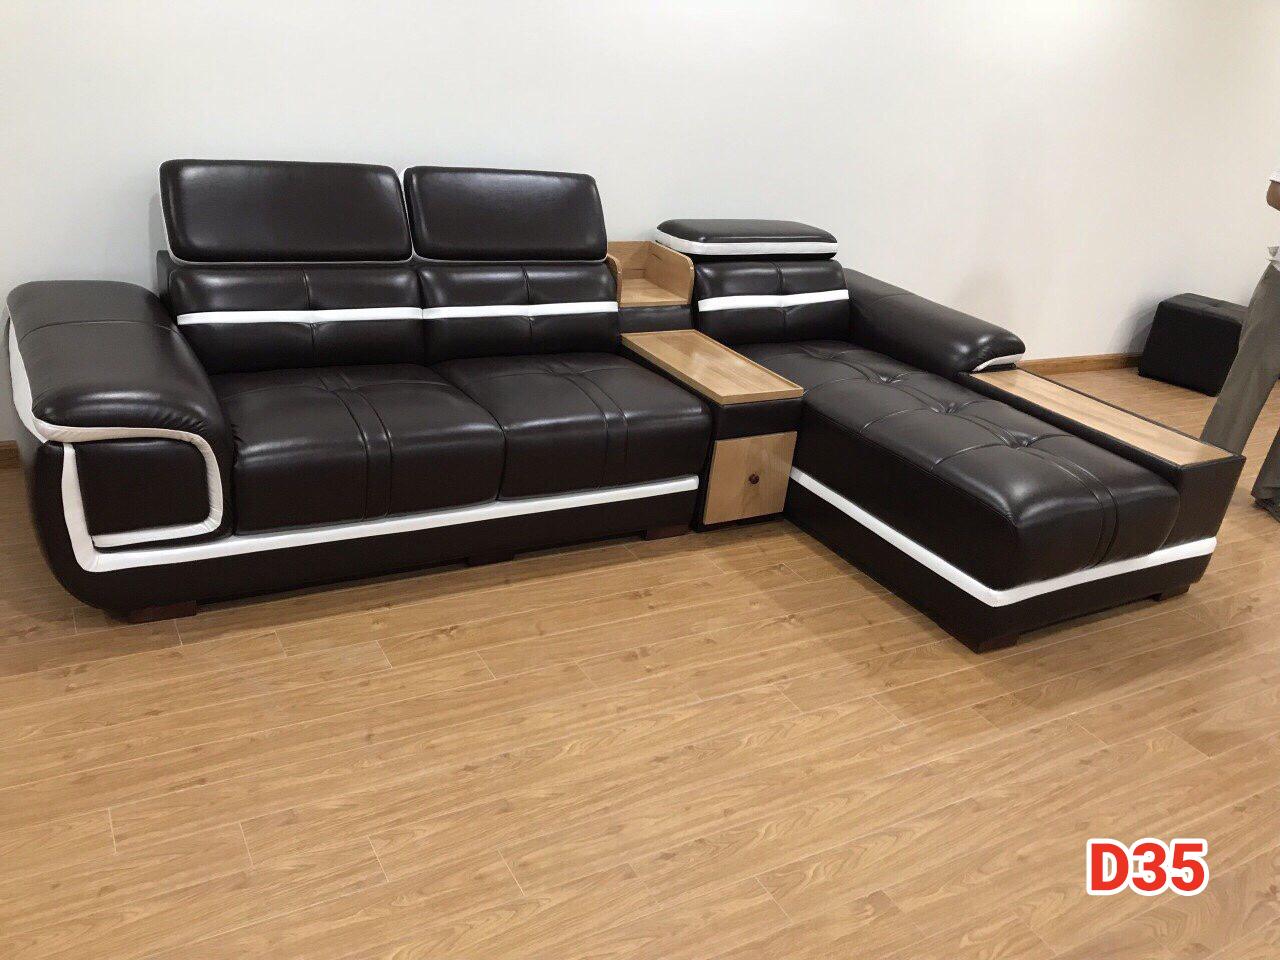 Ghế sofa da D35